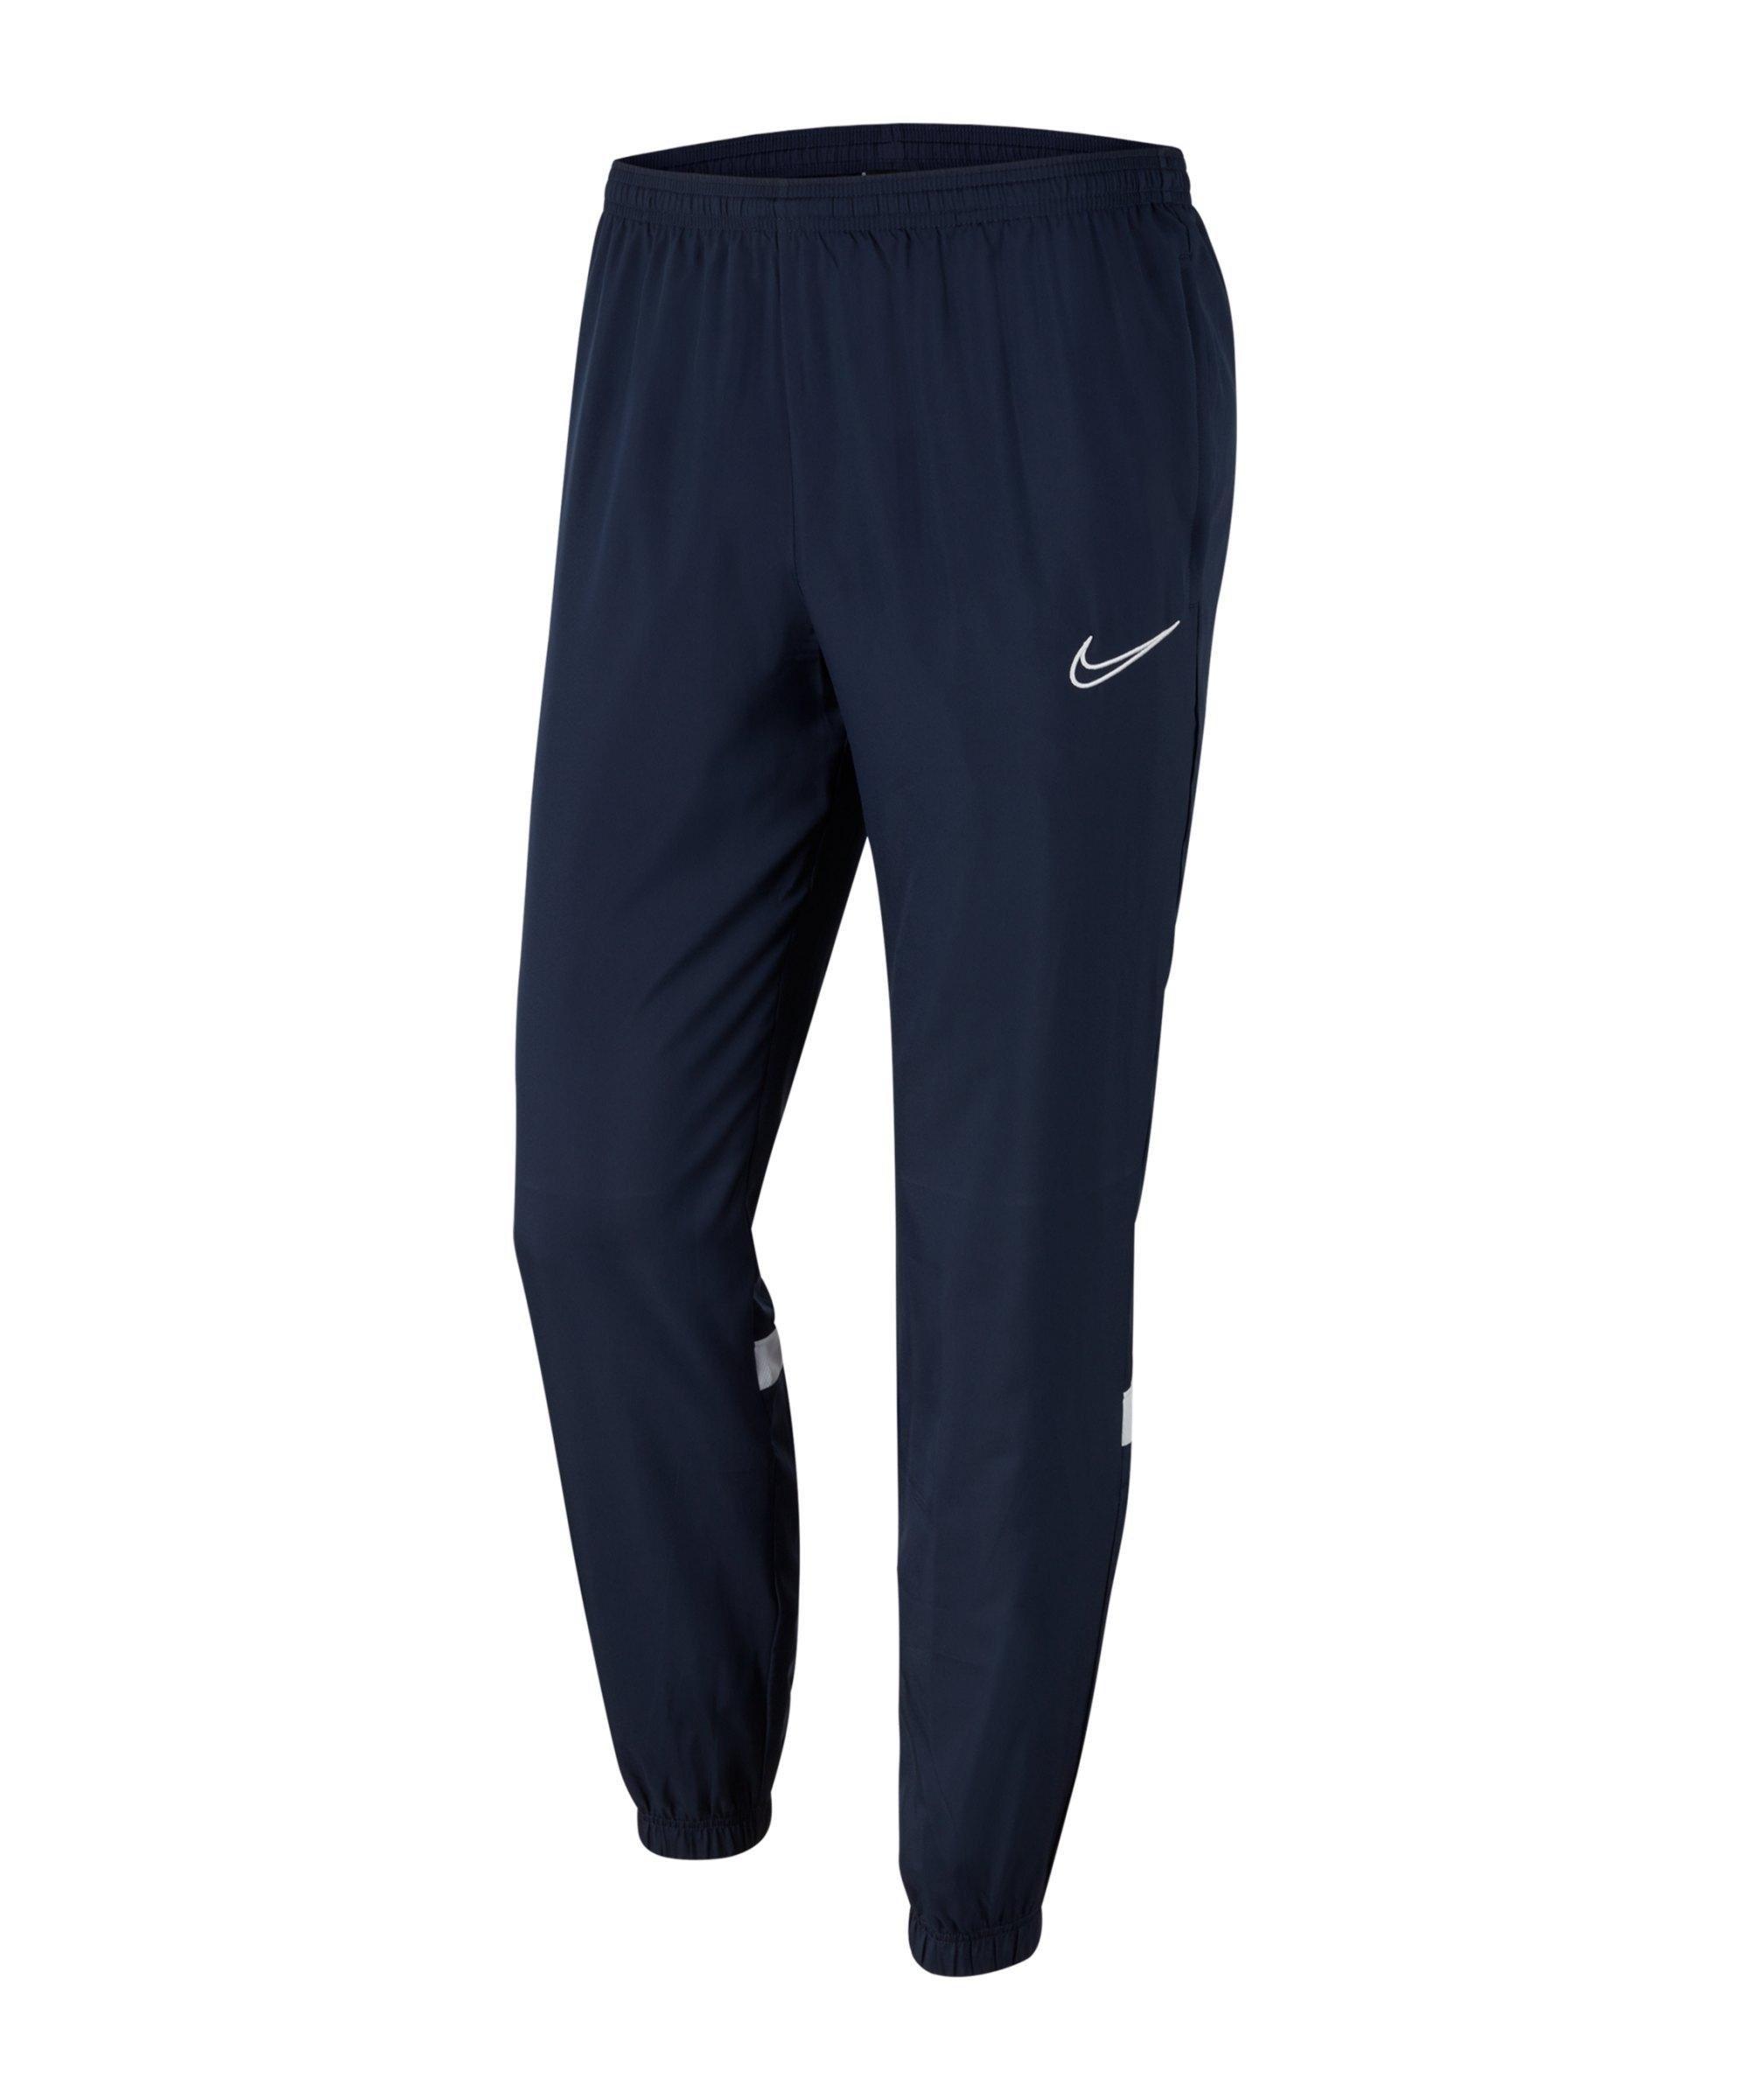 Nike Academy 21 Woven Trainingshose Kids Blau F451 - blau